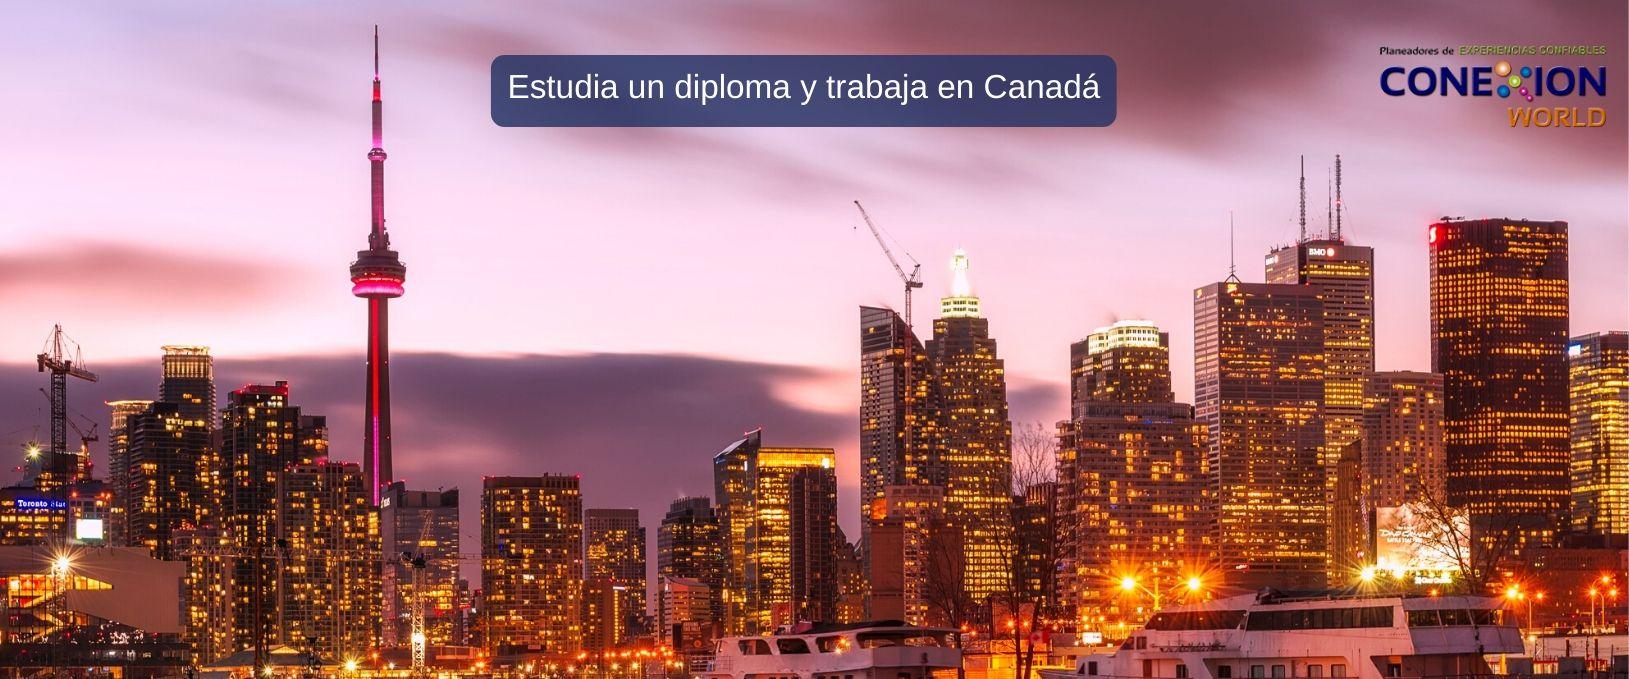 Estudia un diploma y trabaja en Canadá